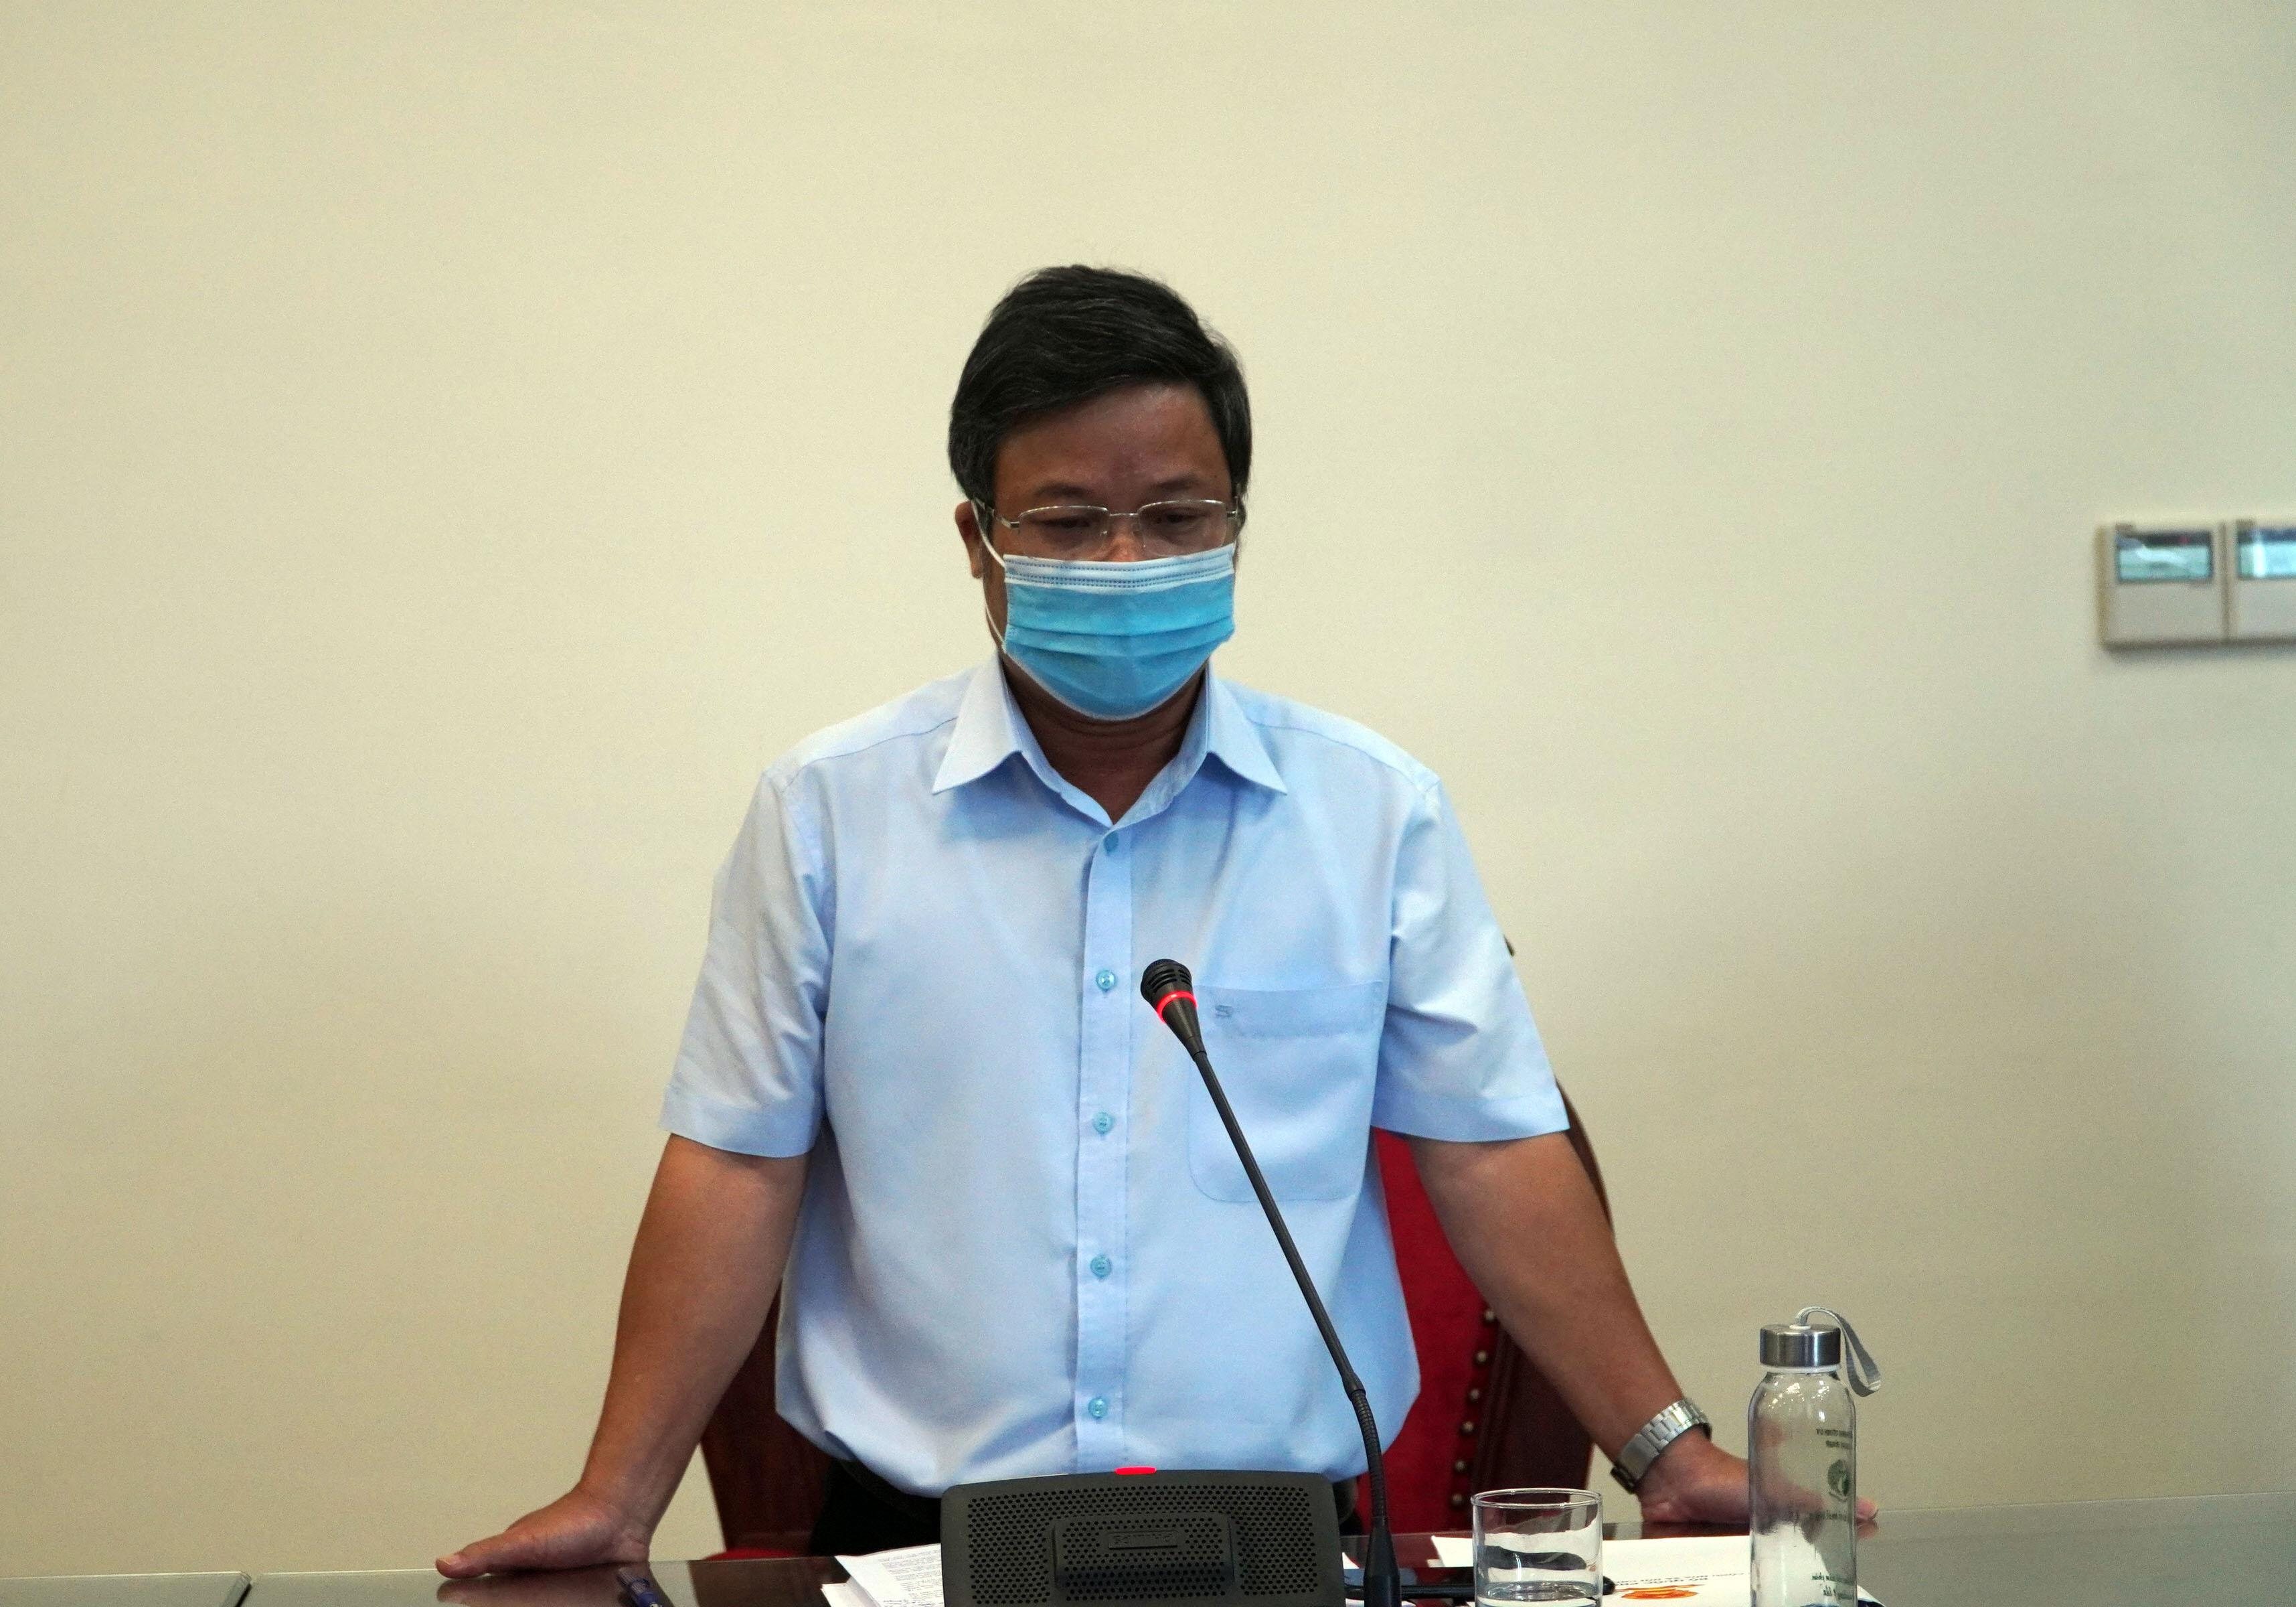 Mục tiêu cao nhất là bảo đảm an toàn cho nhân dân trước dịch bệnh